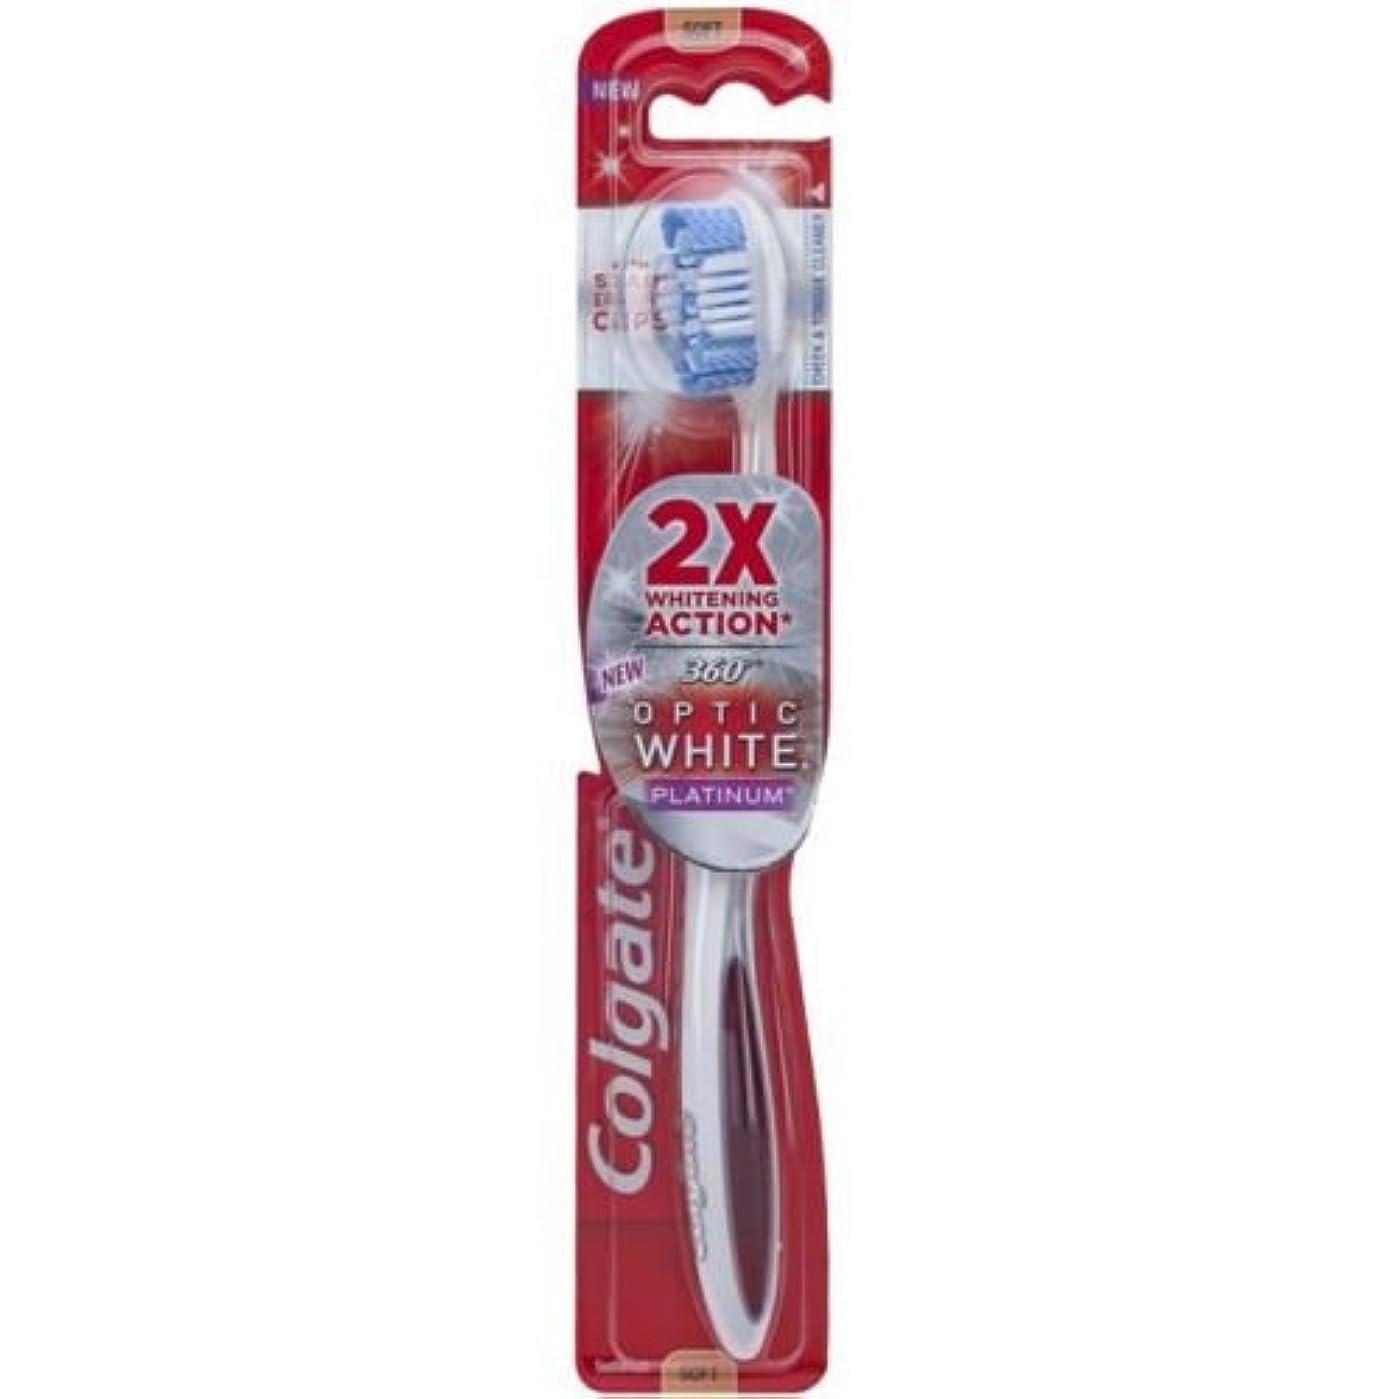 水平精度招待Colgate オプティックホワイトコンパクトヘッドミディアム毛の歯ブラシプラスホワイトニングペンジェル - ケースあたり6。